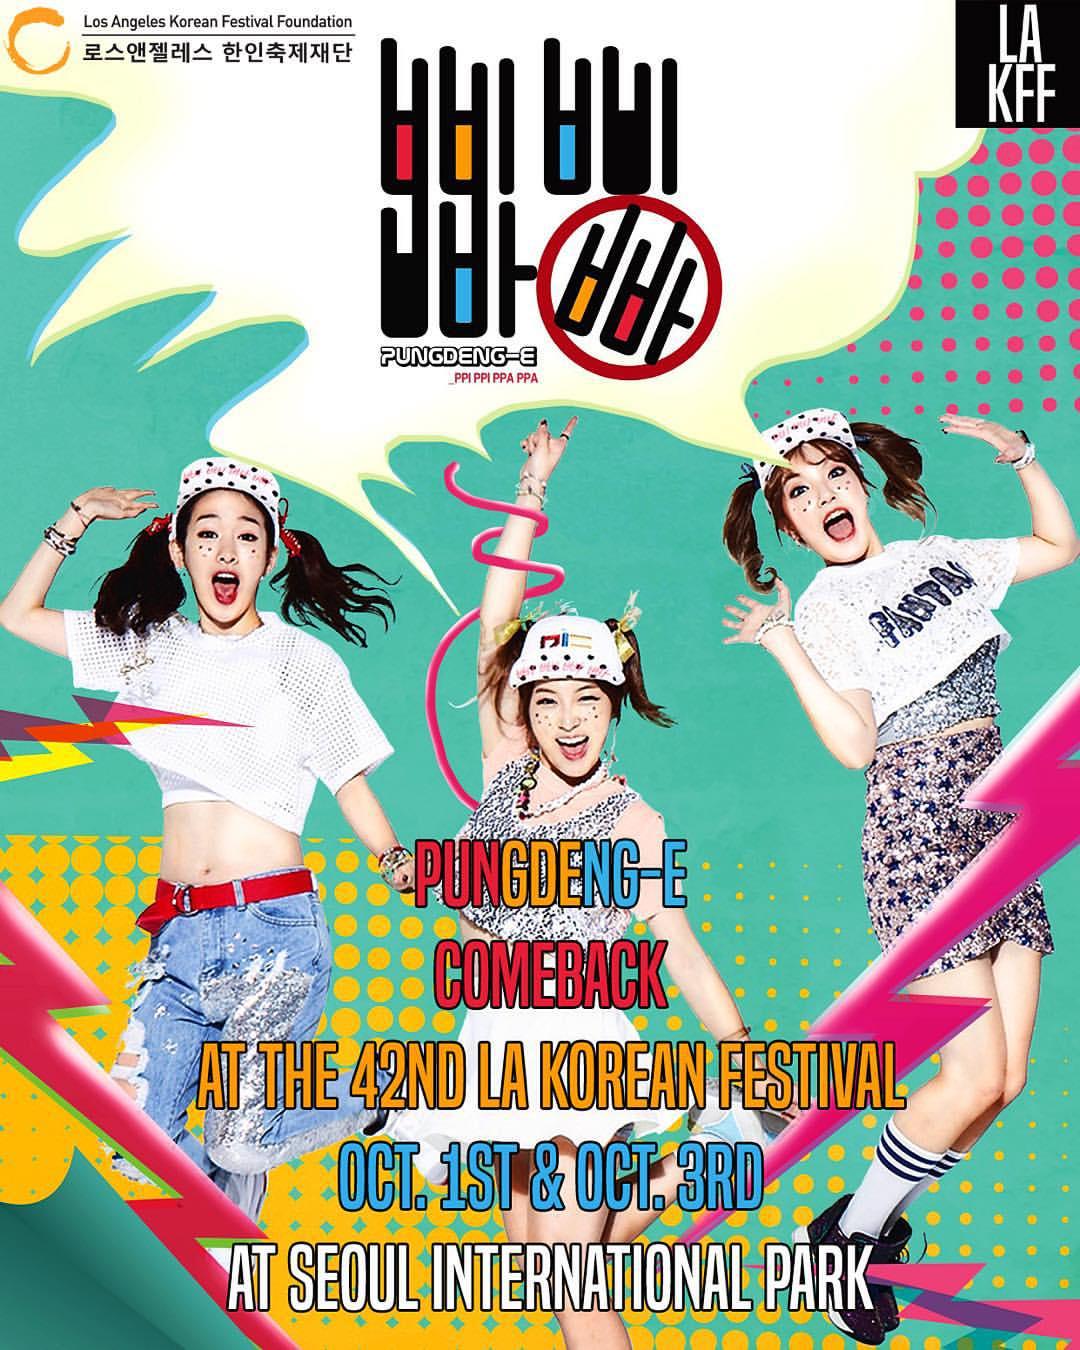 pundeng-e comeback los angeles korean festival pundeng-e